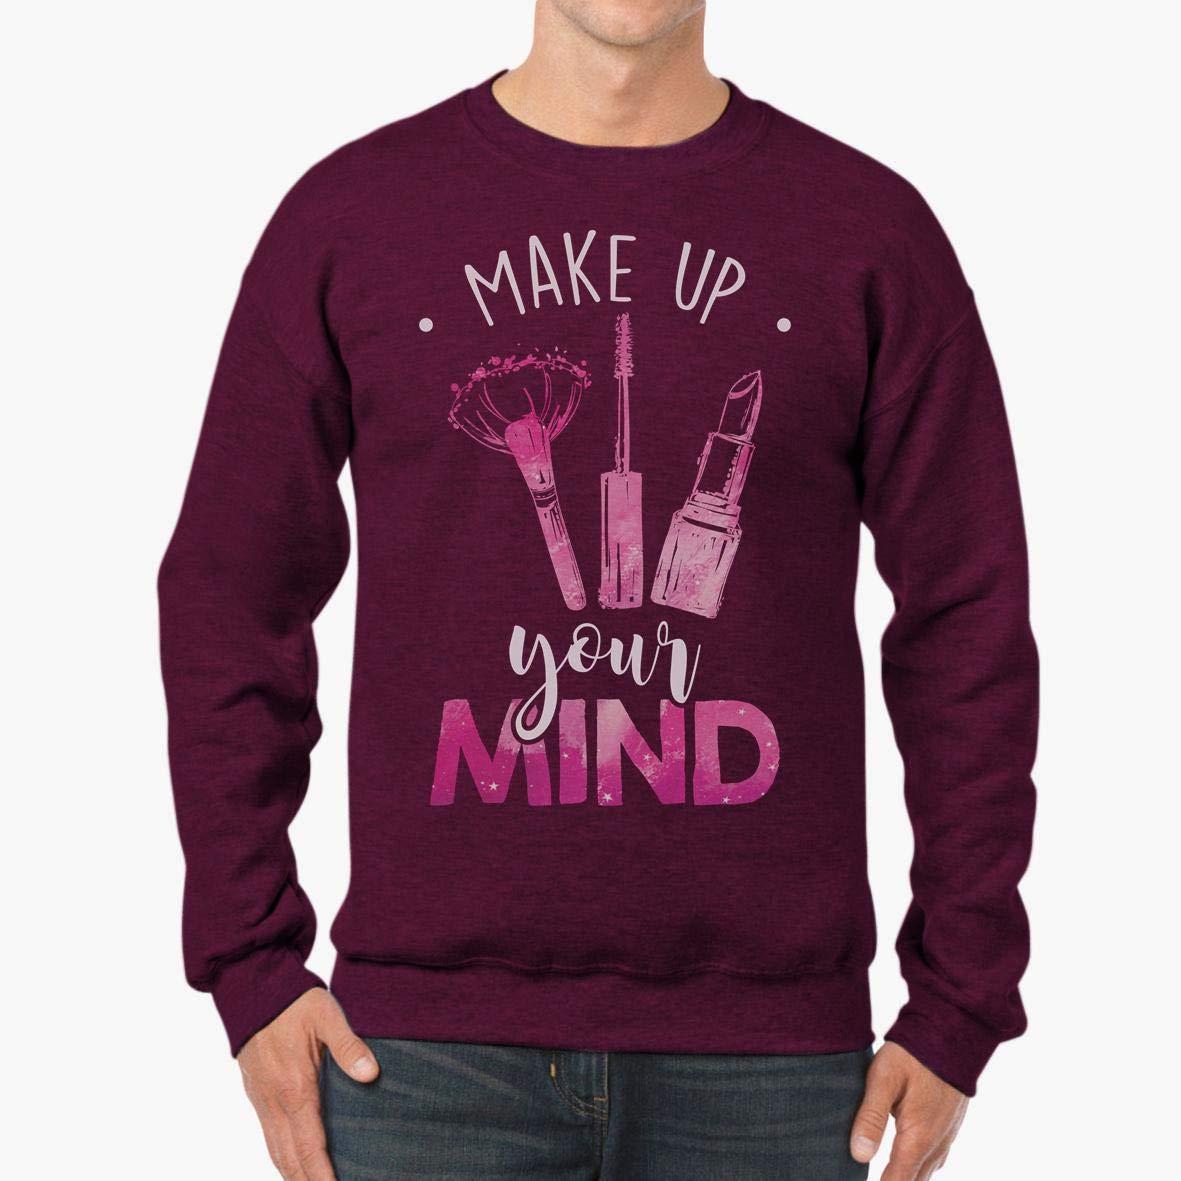 tee Doryti Makeup Your Mind Makeup Artist Unisex Sweatshirt